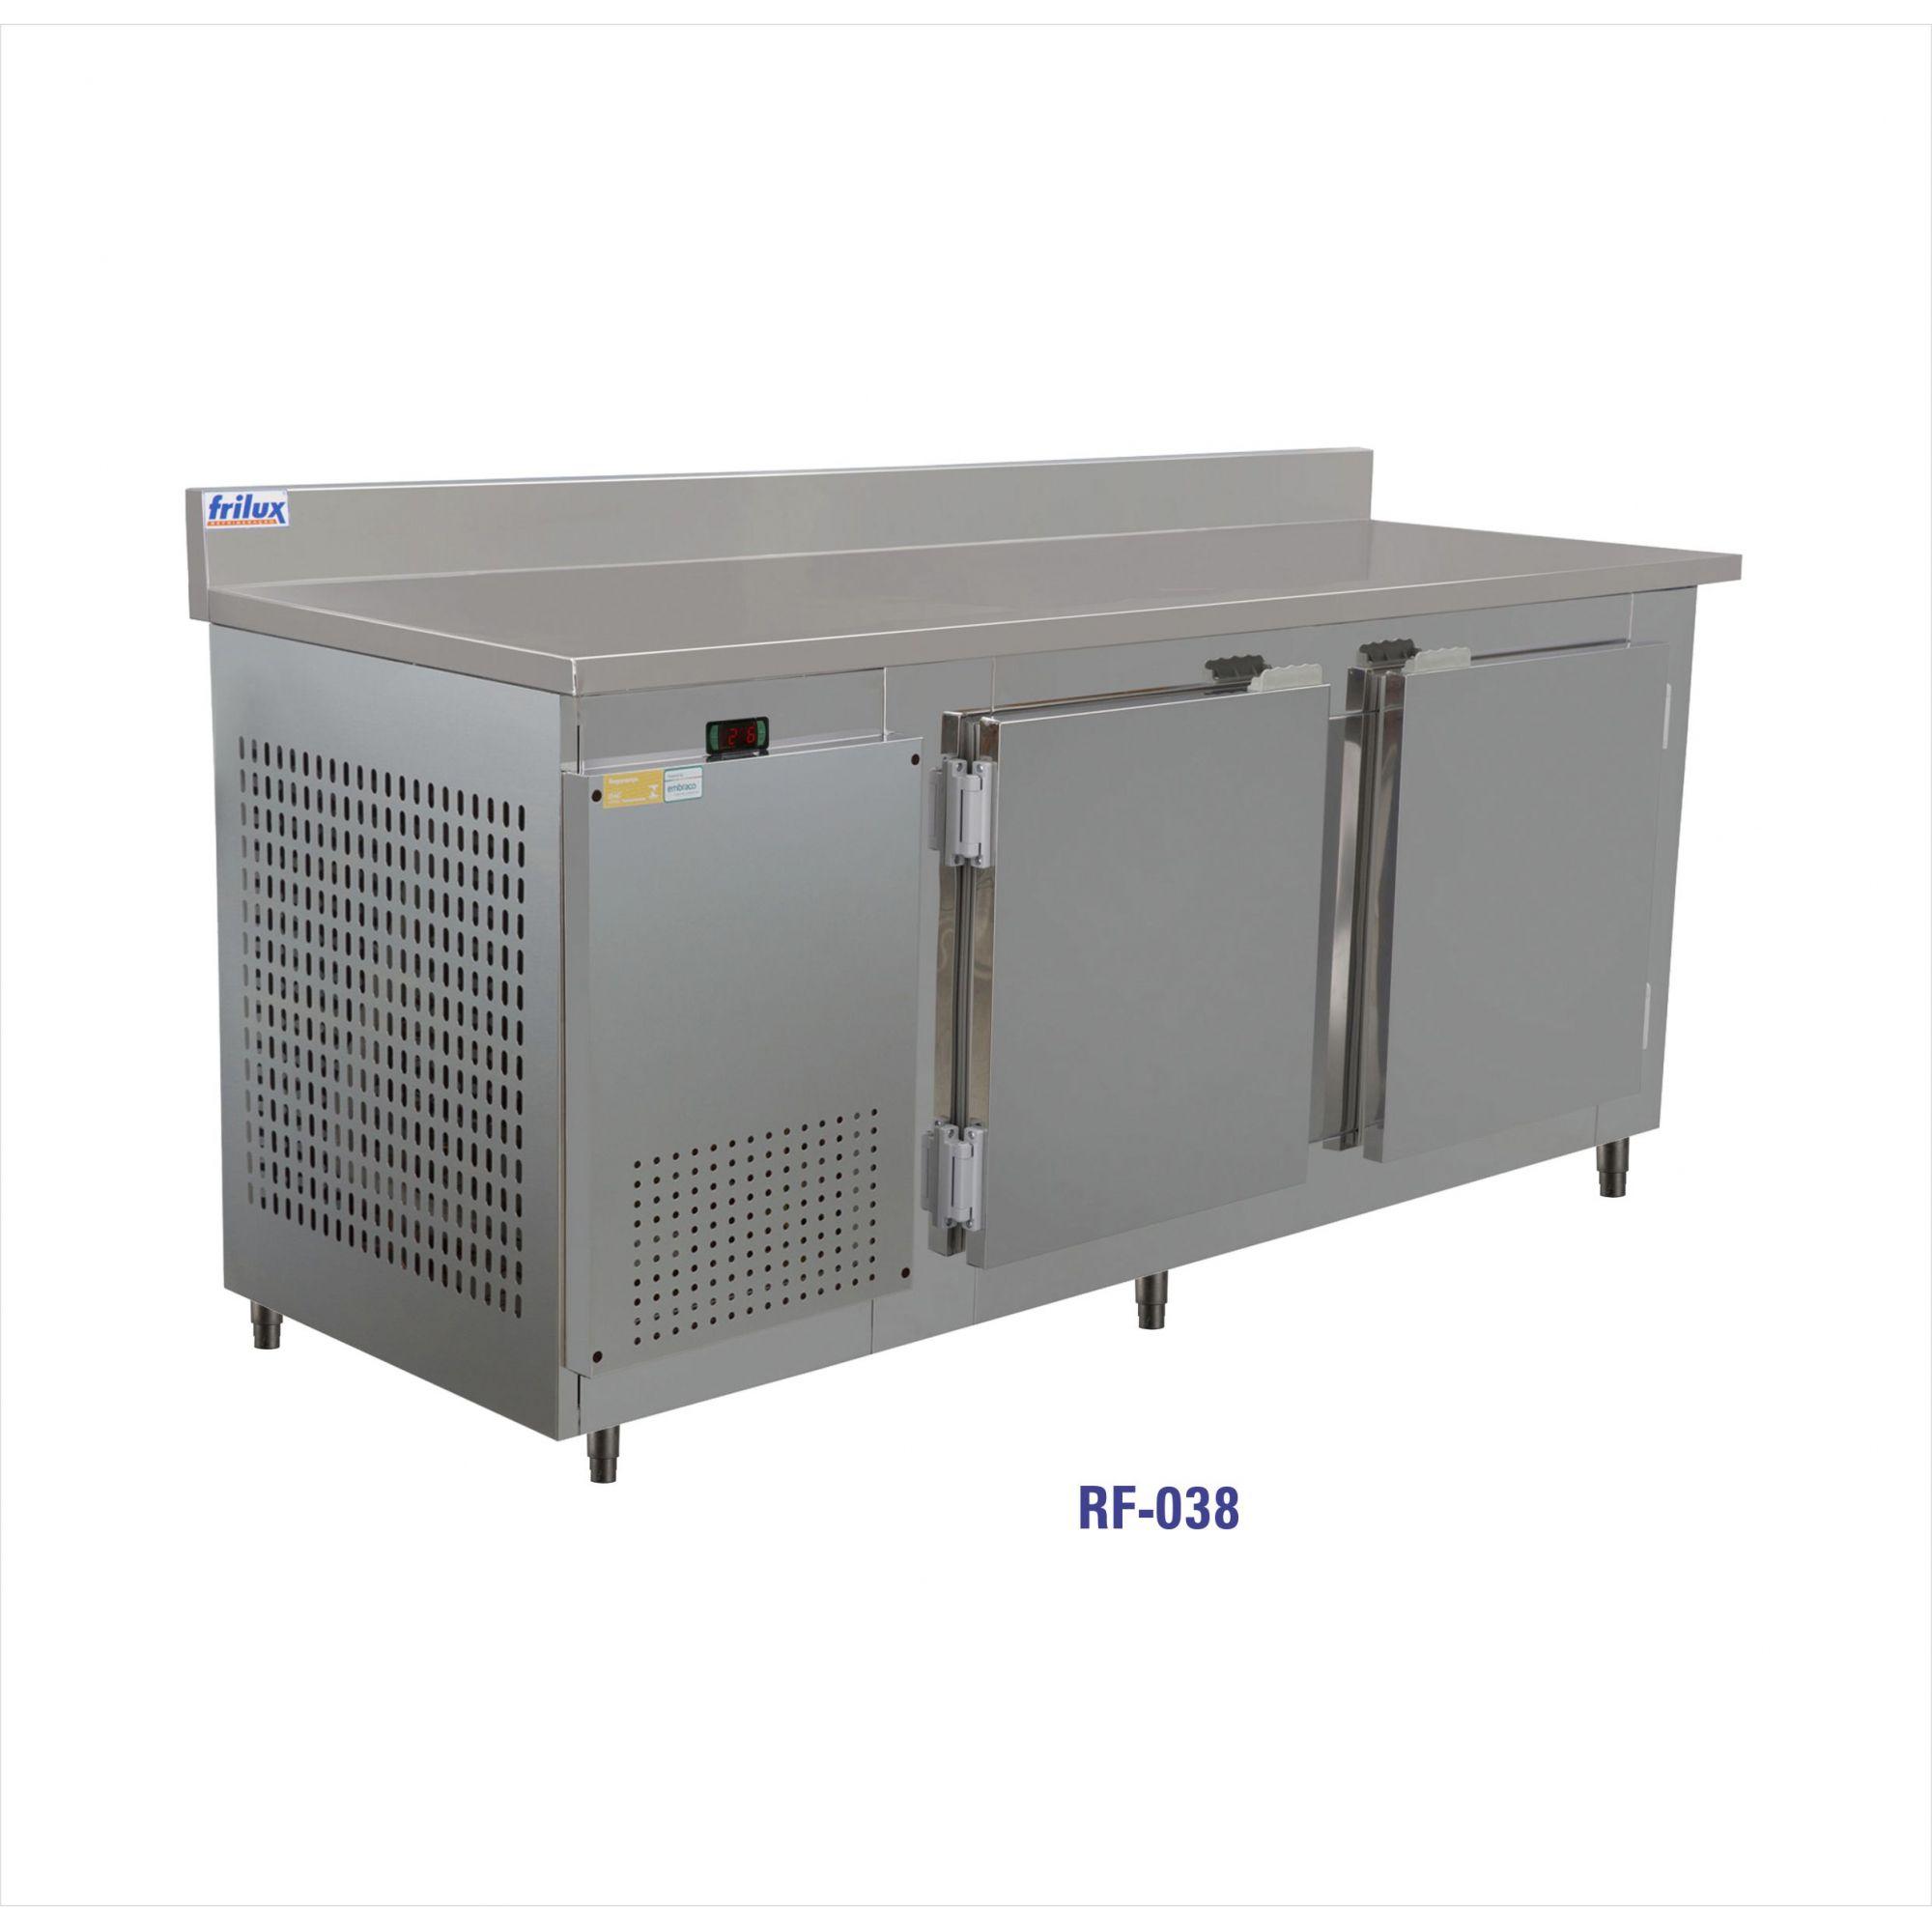 Balcão de encosto Para congelados inox 1,90 mts-frilux